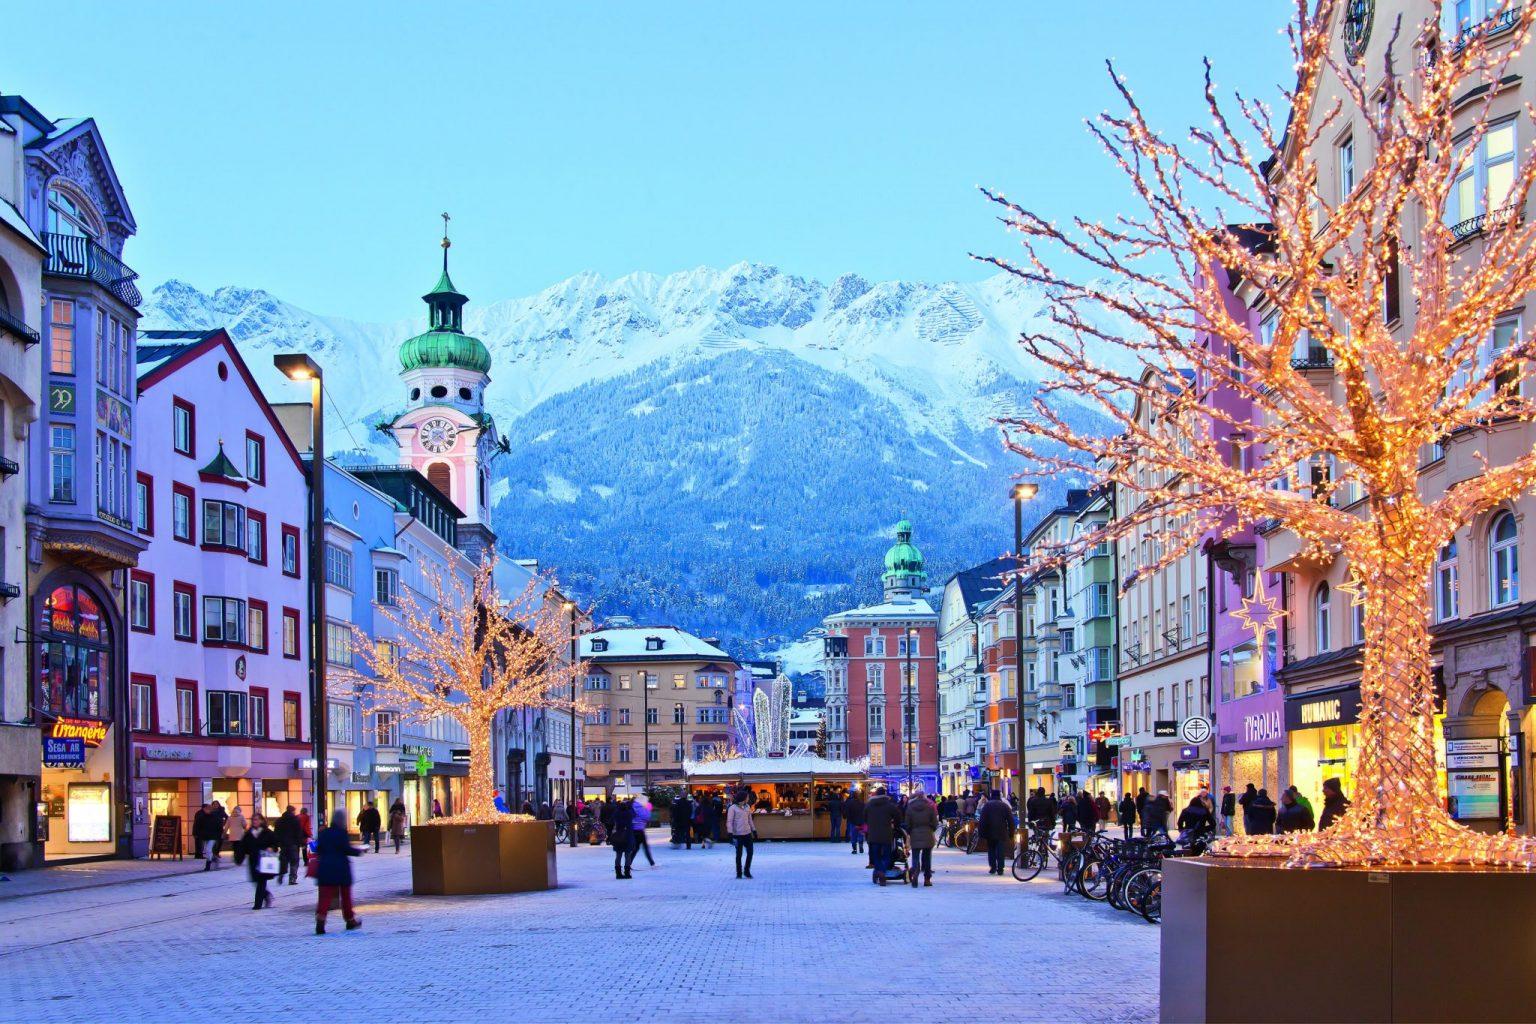 I 10 posti migliori da visitare in Austria